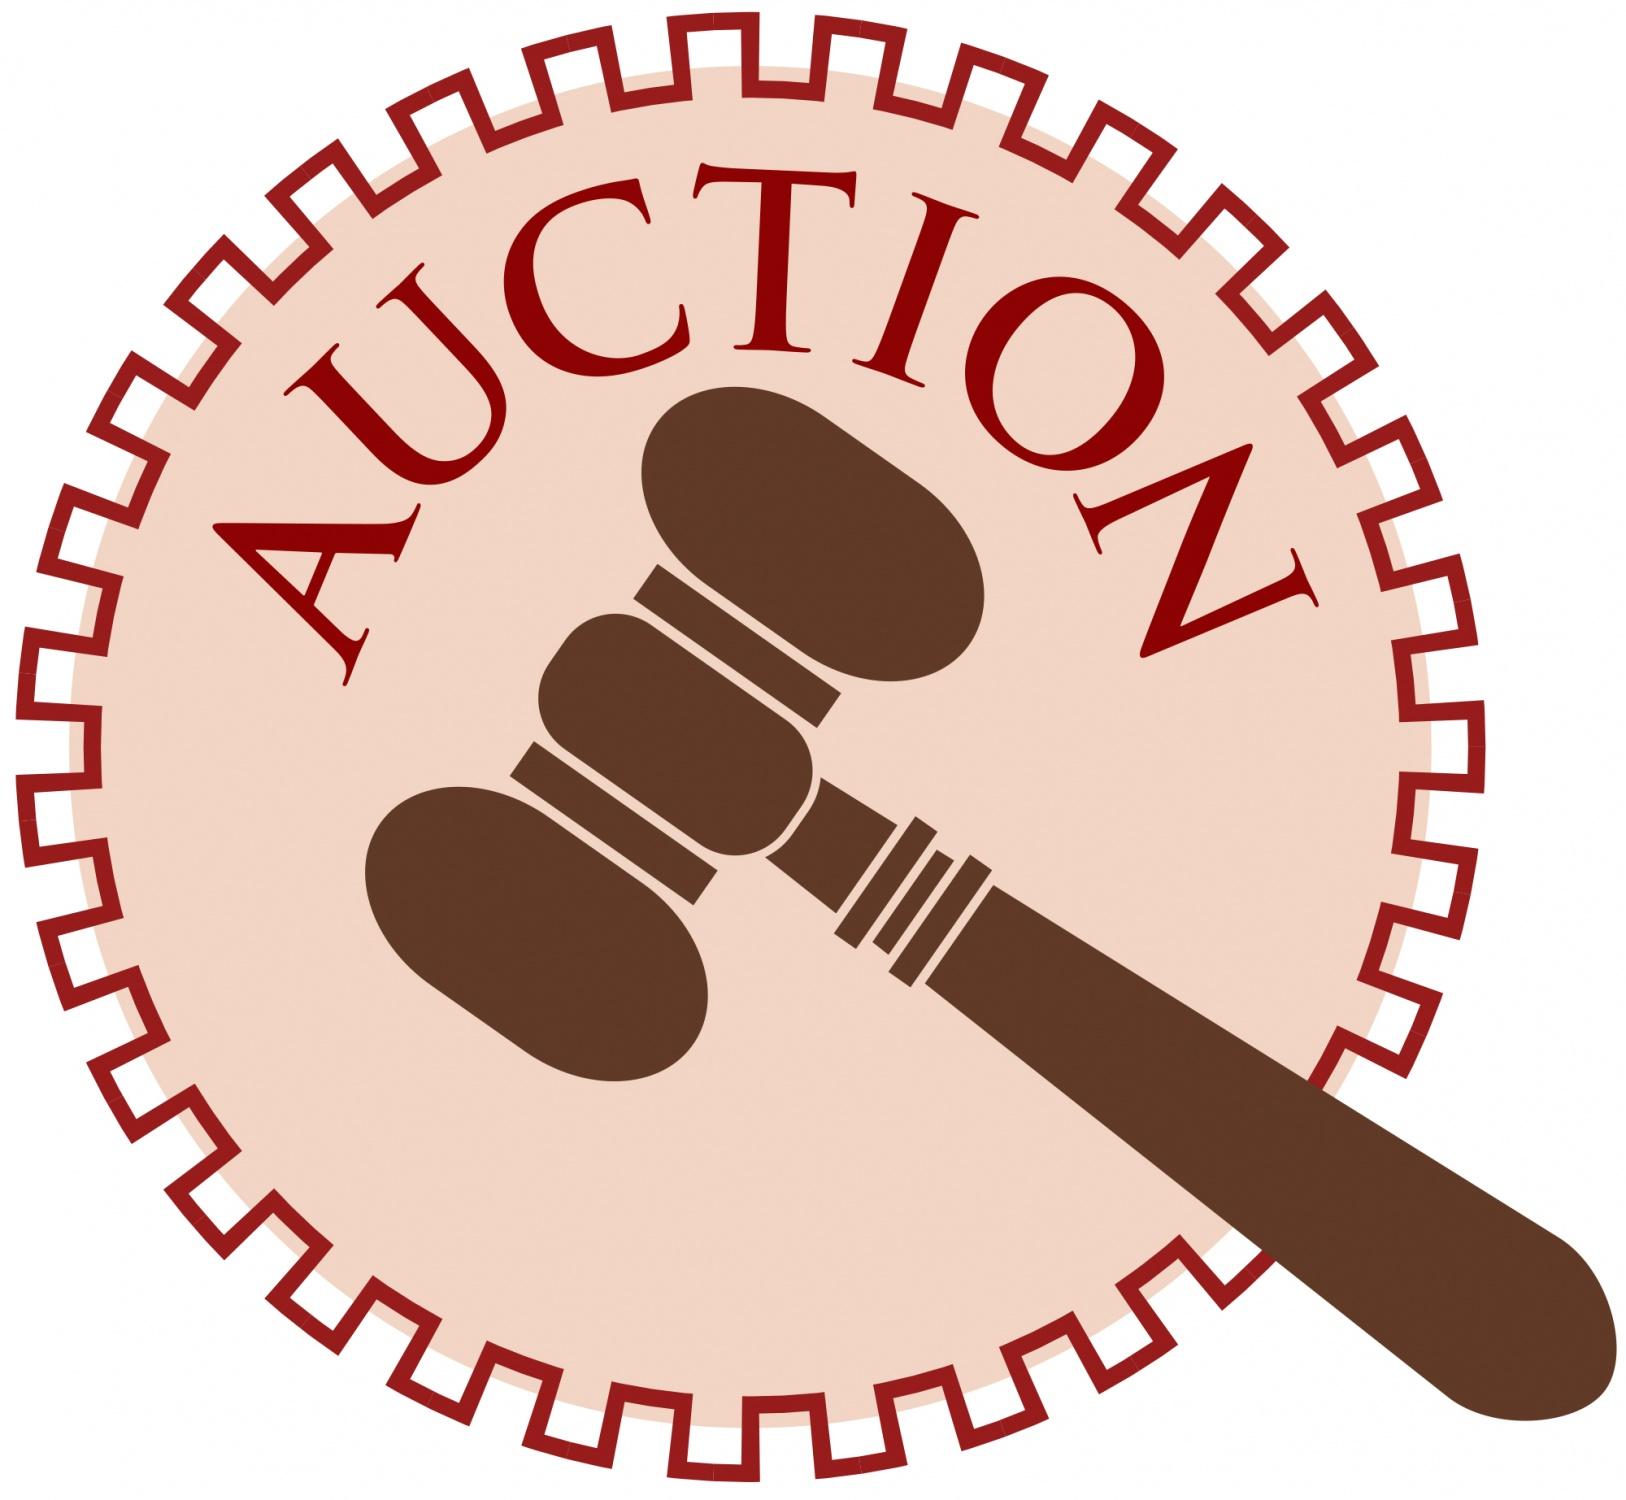 1626x1500 Bake Sale Auction Basket Clipart